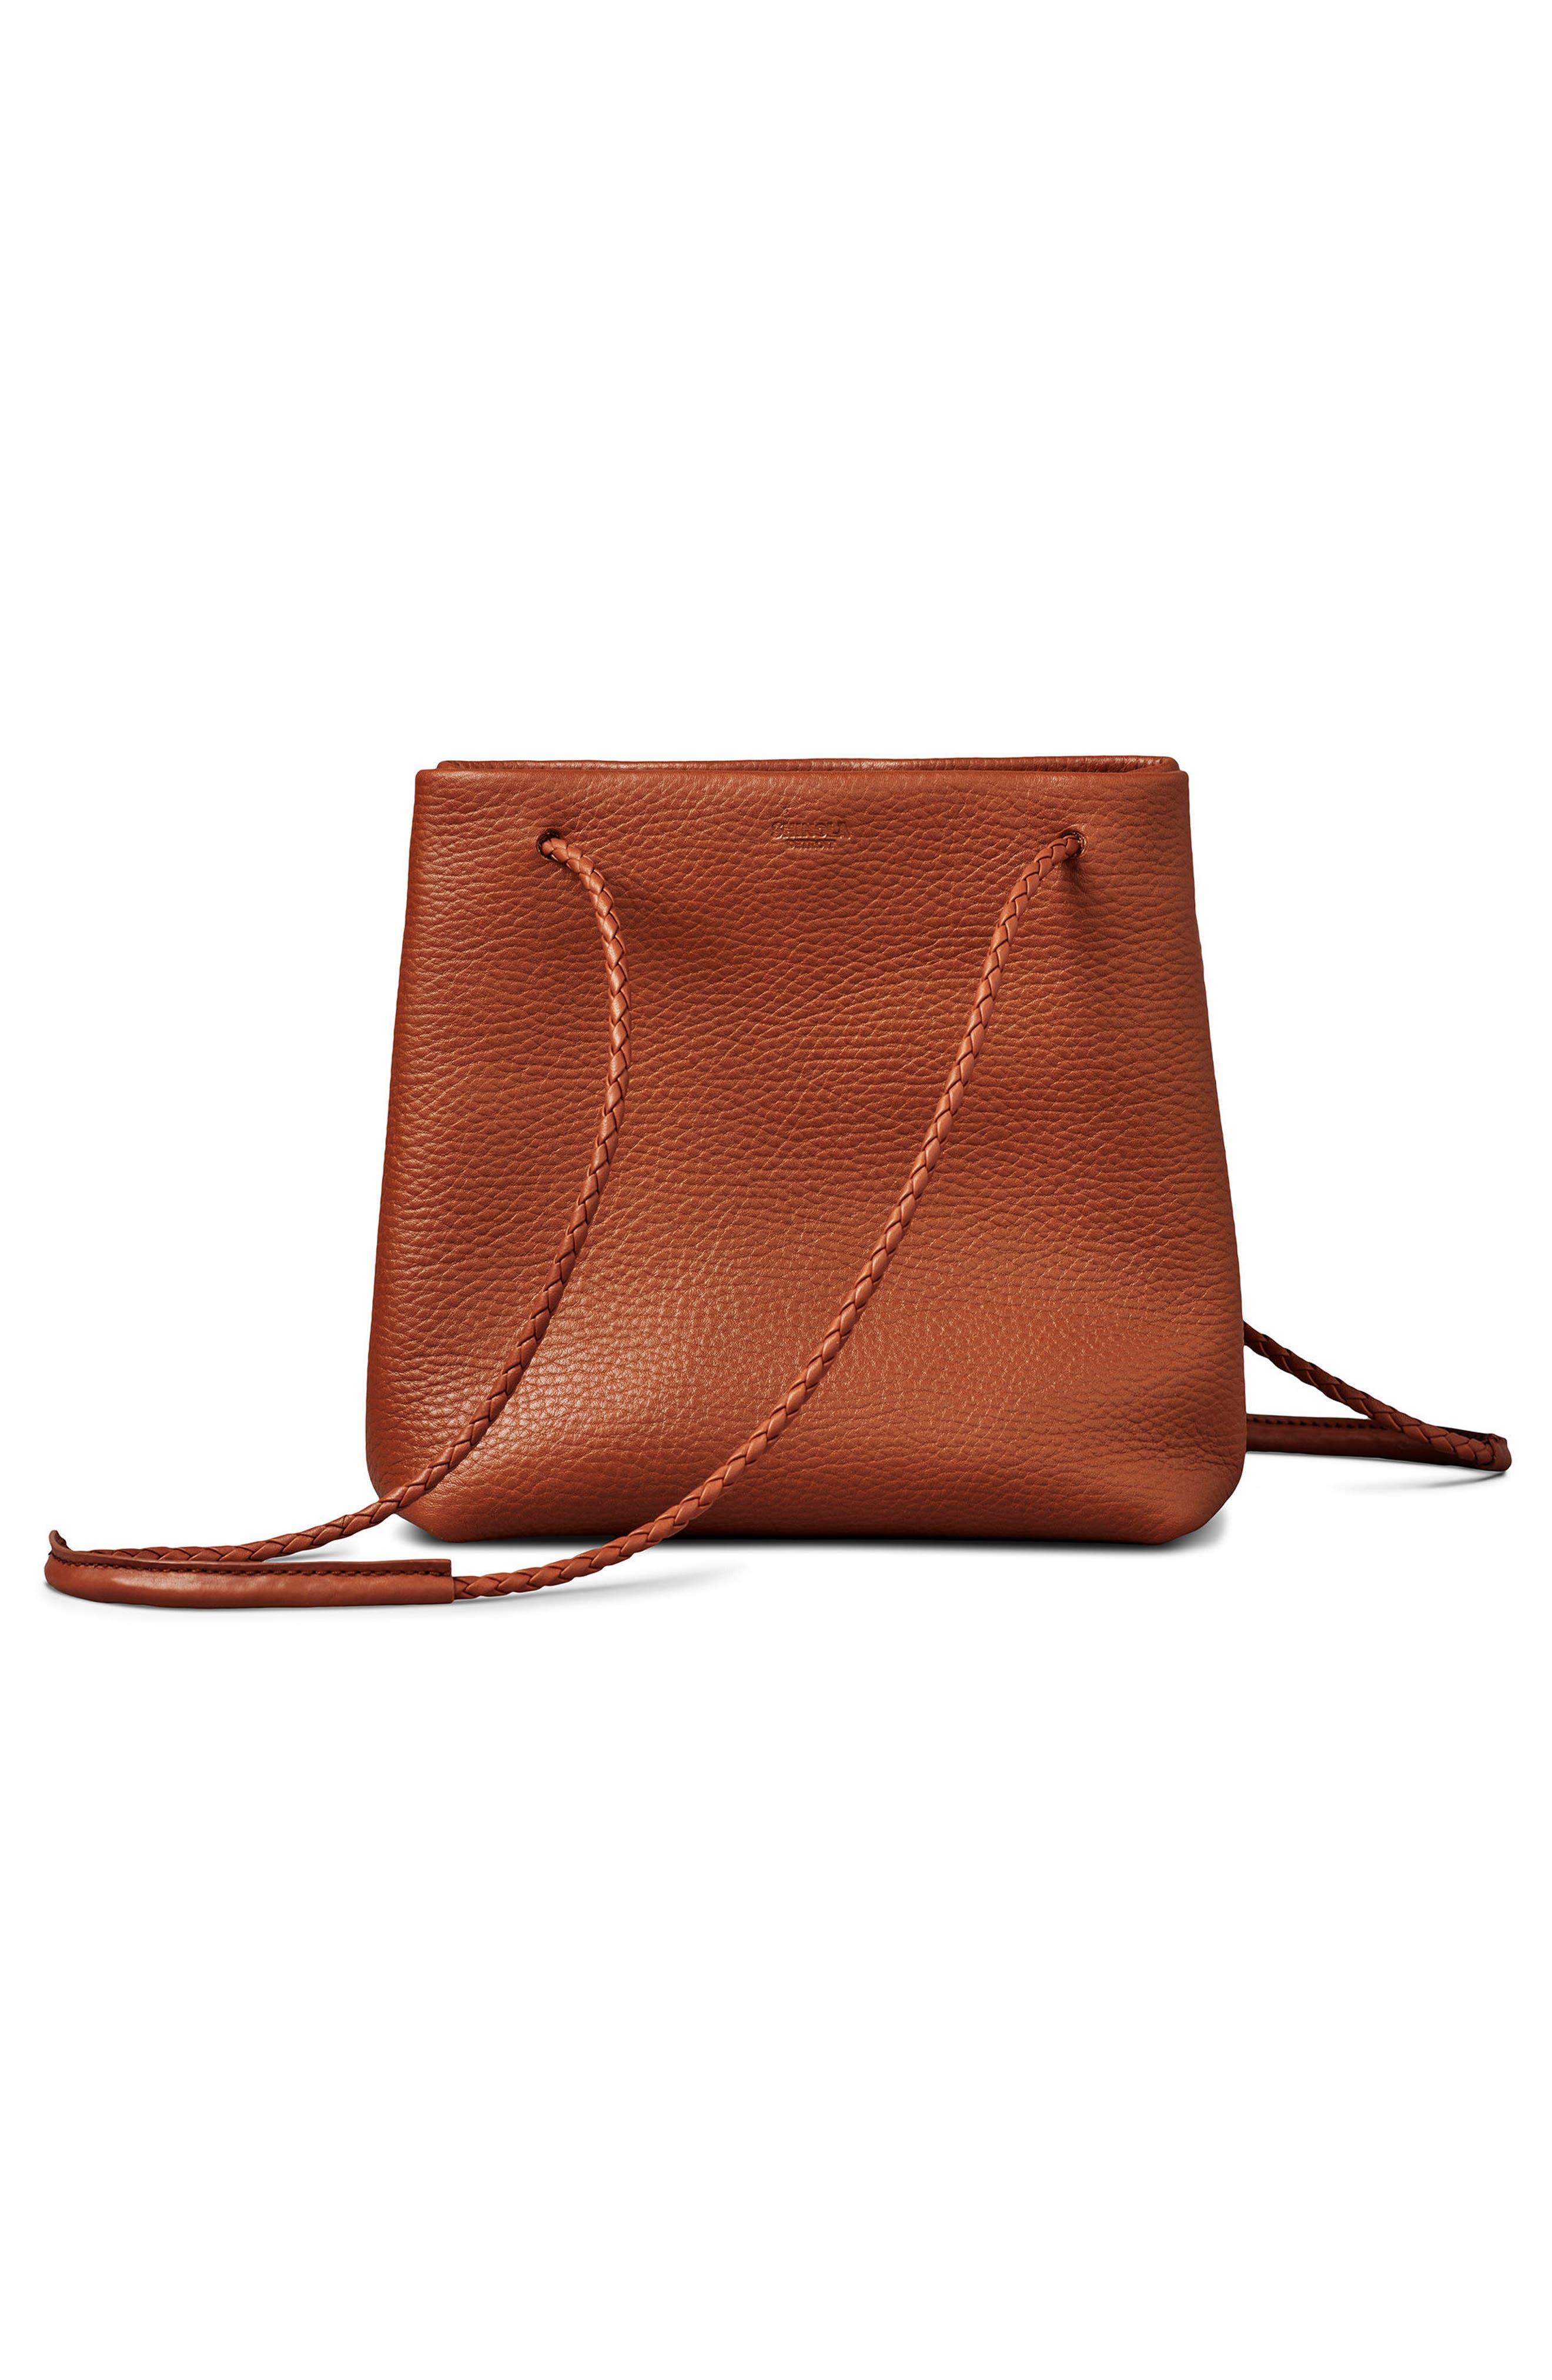 Mini Pebbled Leather Drawstring Crossbody Bag,                             Alternate thumbnail 8, color,